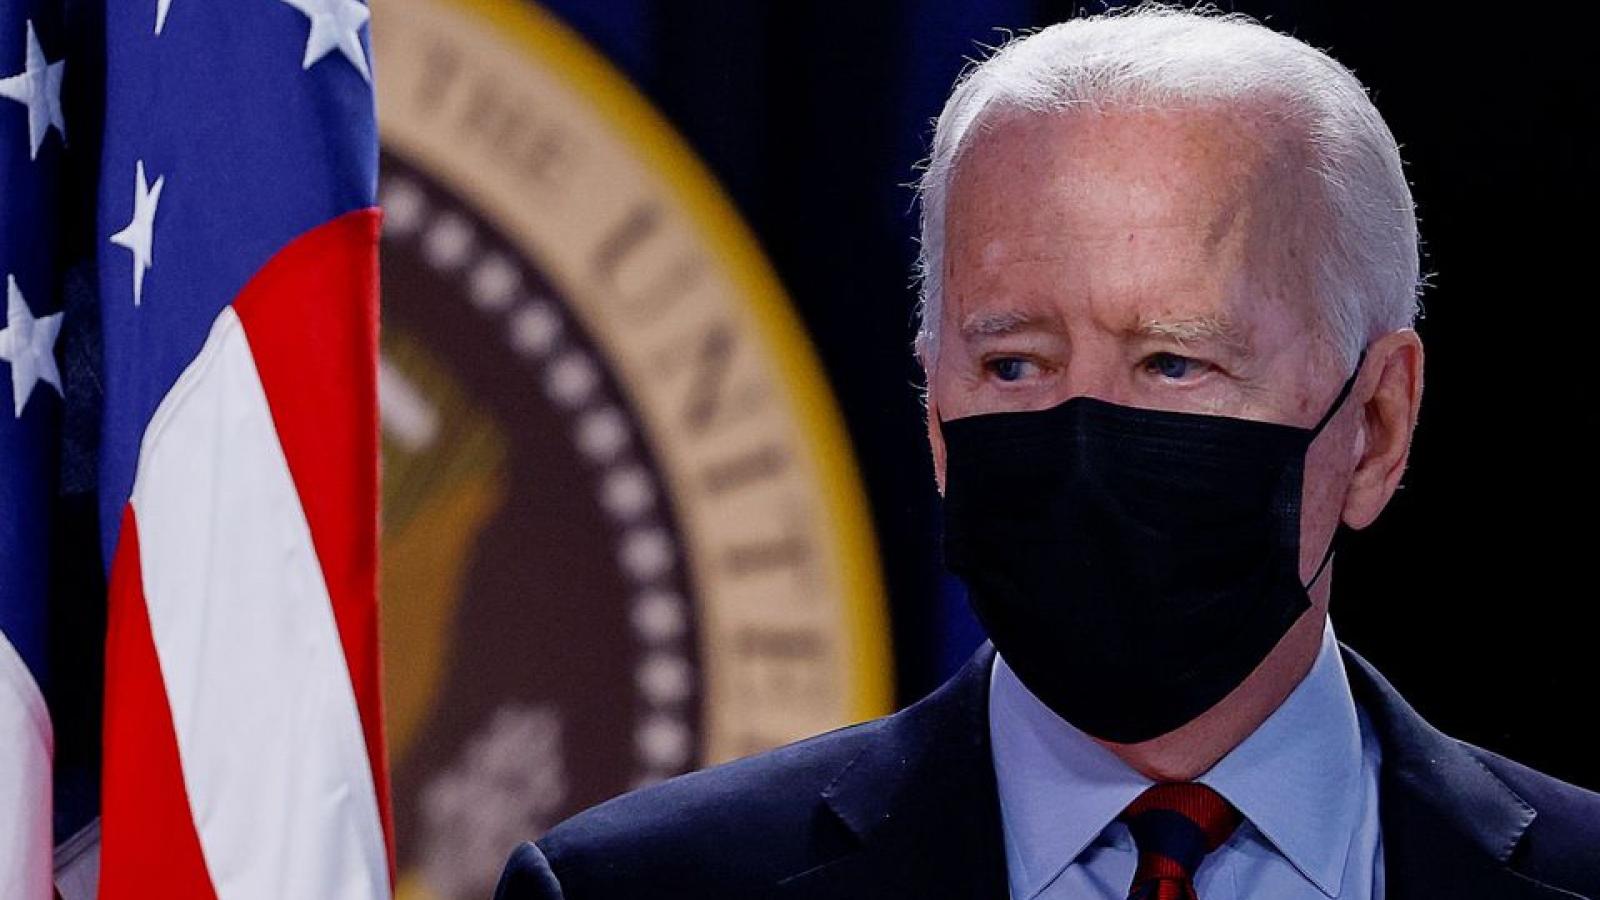 Khảo sát: 38% người Mỹ ủng hộ Tổng thống Biden rút quân khỏi Afghanistan